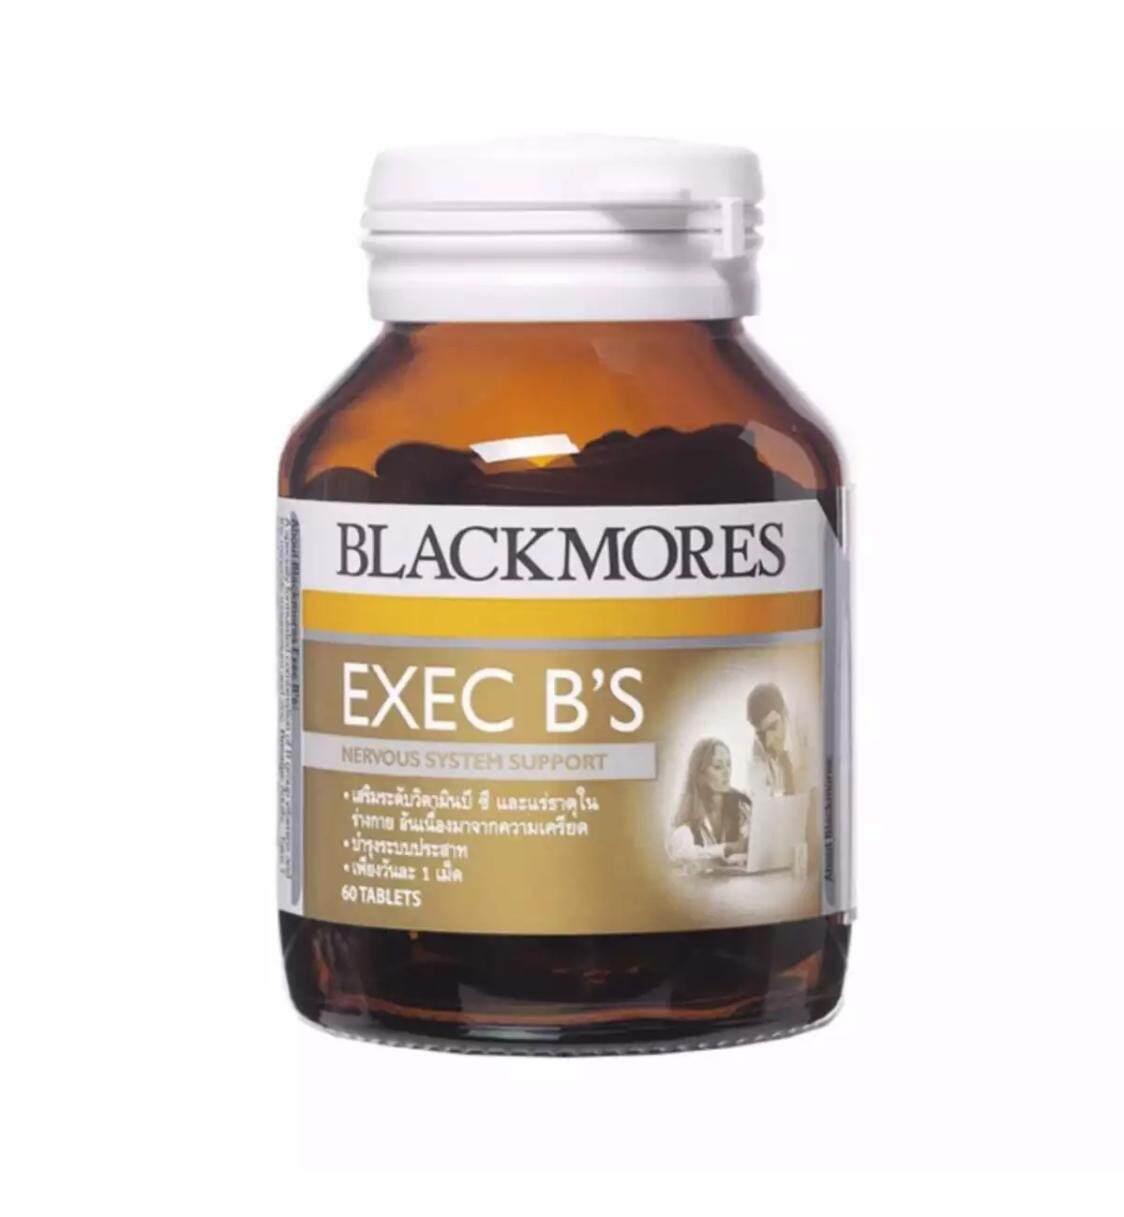 การใช้งาน  ภูเก็ต Blackmores Exec B ขนาด 60 เม็ด ช่วยบรรเทาอาการชา และบำรุงปลายประสาท